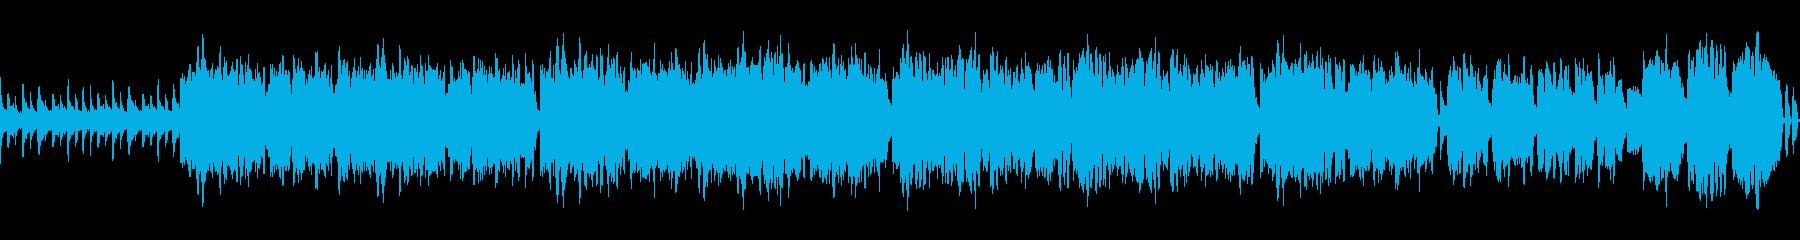 オカリナが旋律を奏でる牧歌的な曲の再生済みの波形